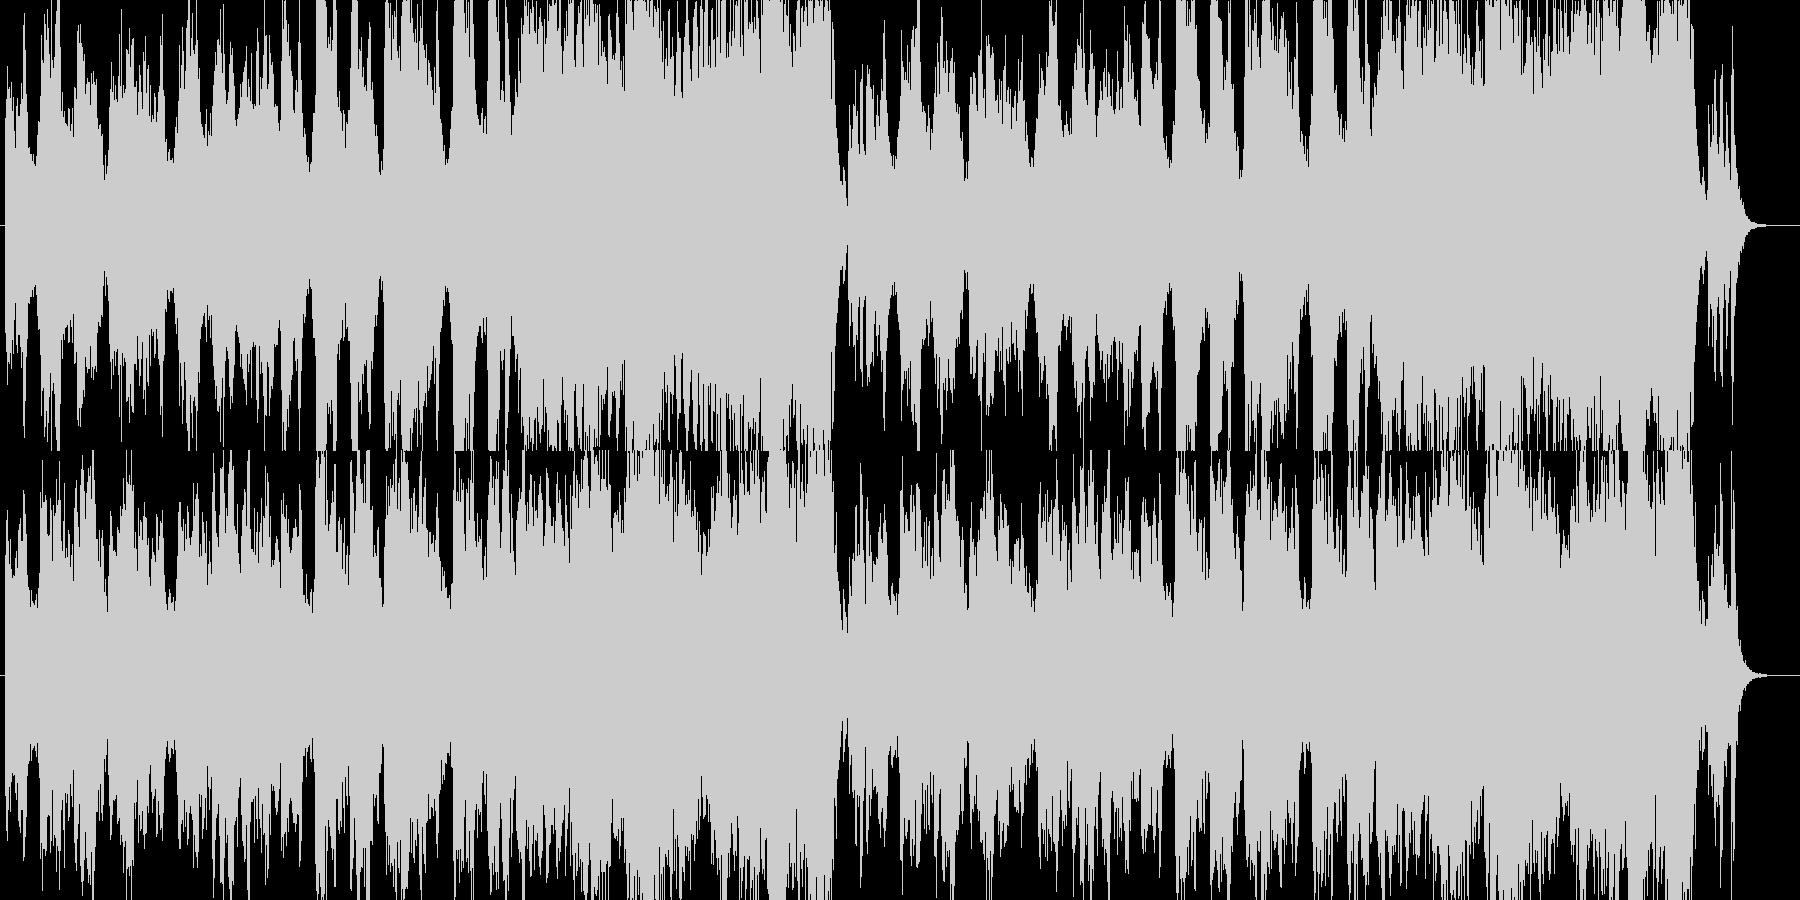 「洞窟」「舞踏会」「ハロウィン」曲B14の未再生の波形